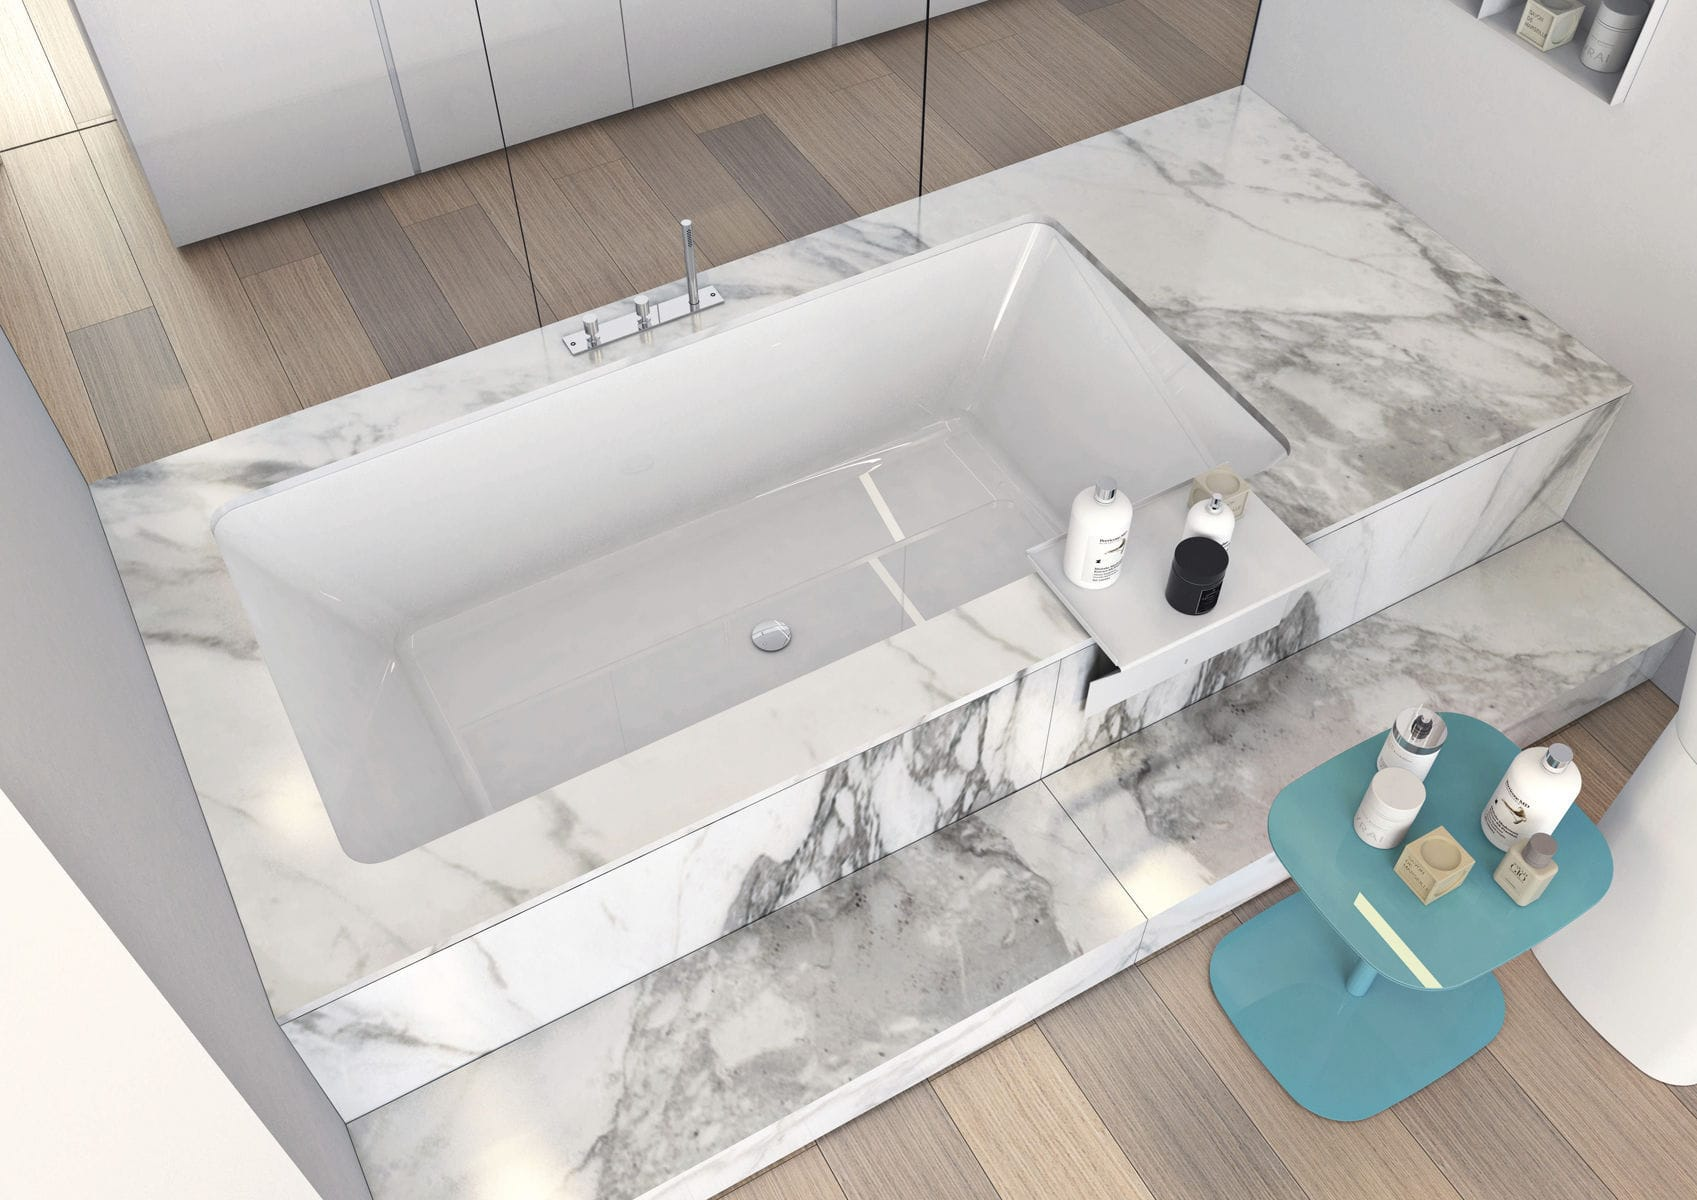 Vasca Da Bagno Resina : Vasca da bagno in corian in resina in marmo in legno wave